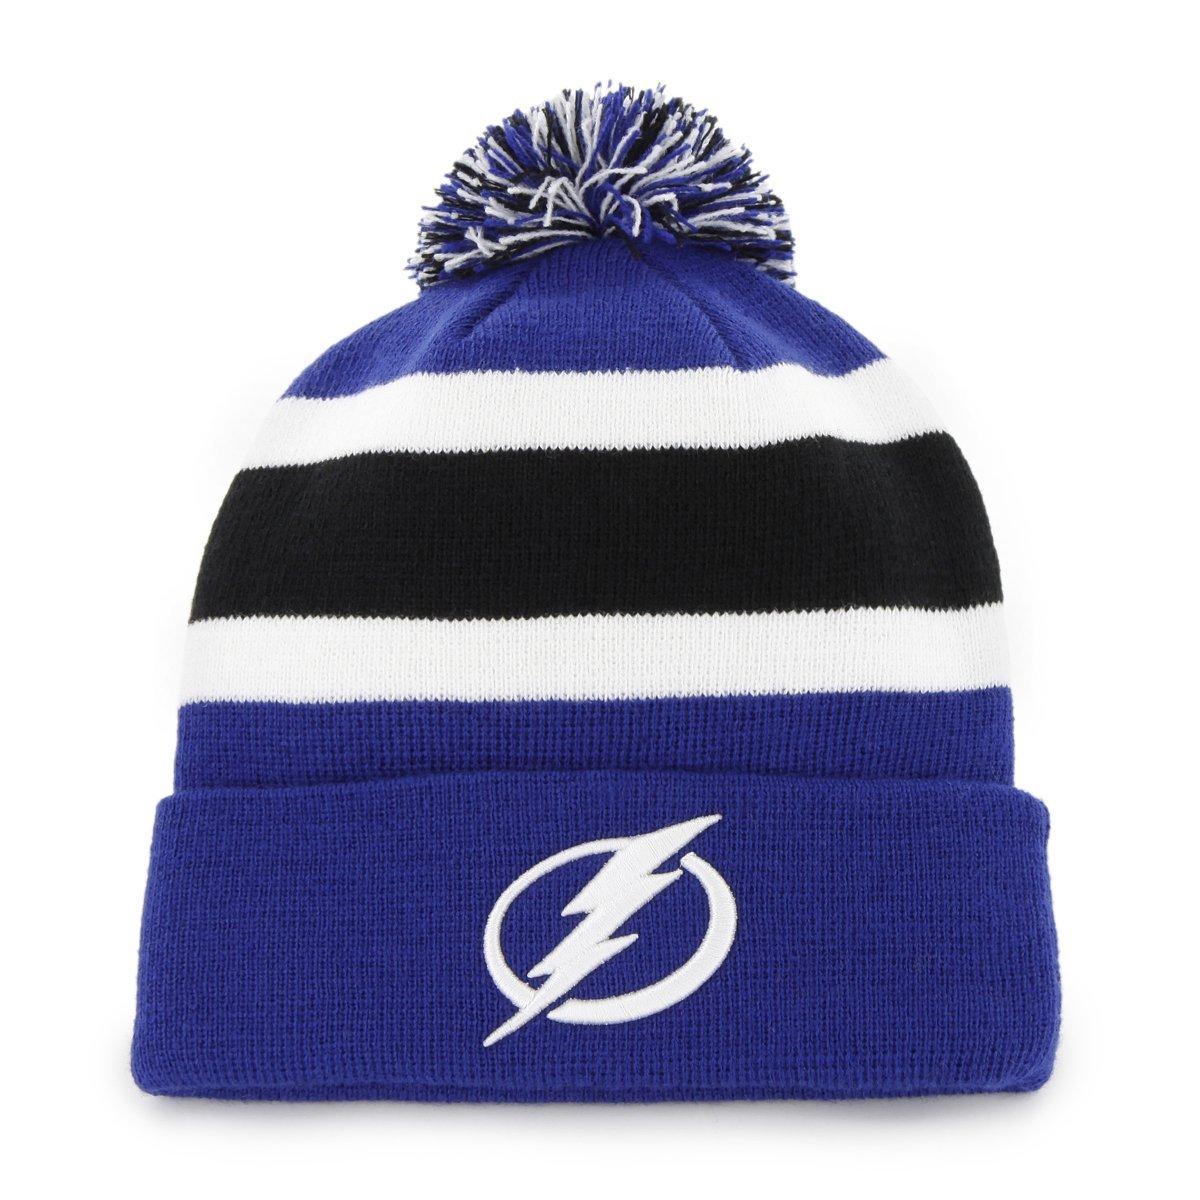 Eishockey Weitere Wintersportarten NHL New Jersey Devils 47 Logo Wollmütze Wintermütze Mütze Calgary Cuff Knit Hat